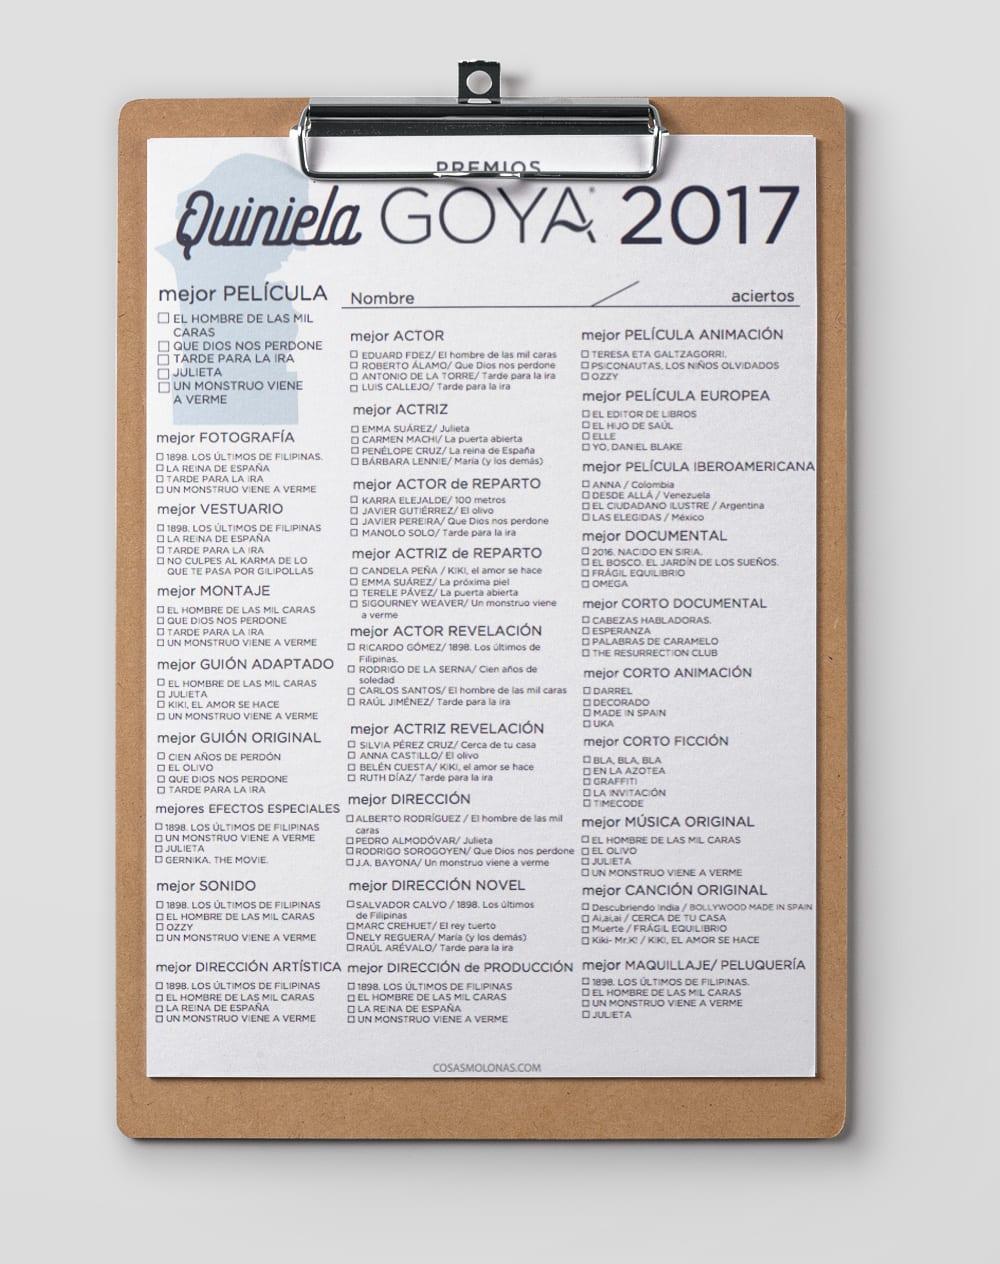 Imprimible / Quiniela de los Premios Goya 2017 en www.cosasmolonas.com